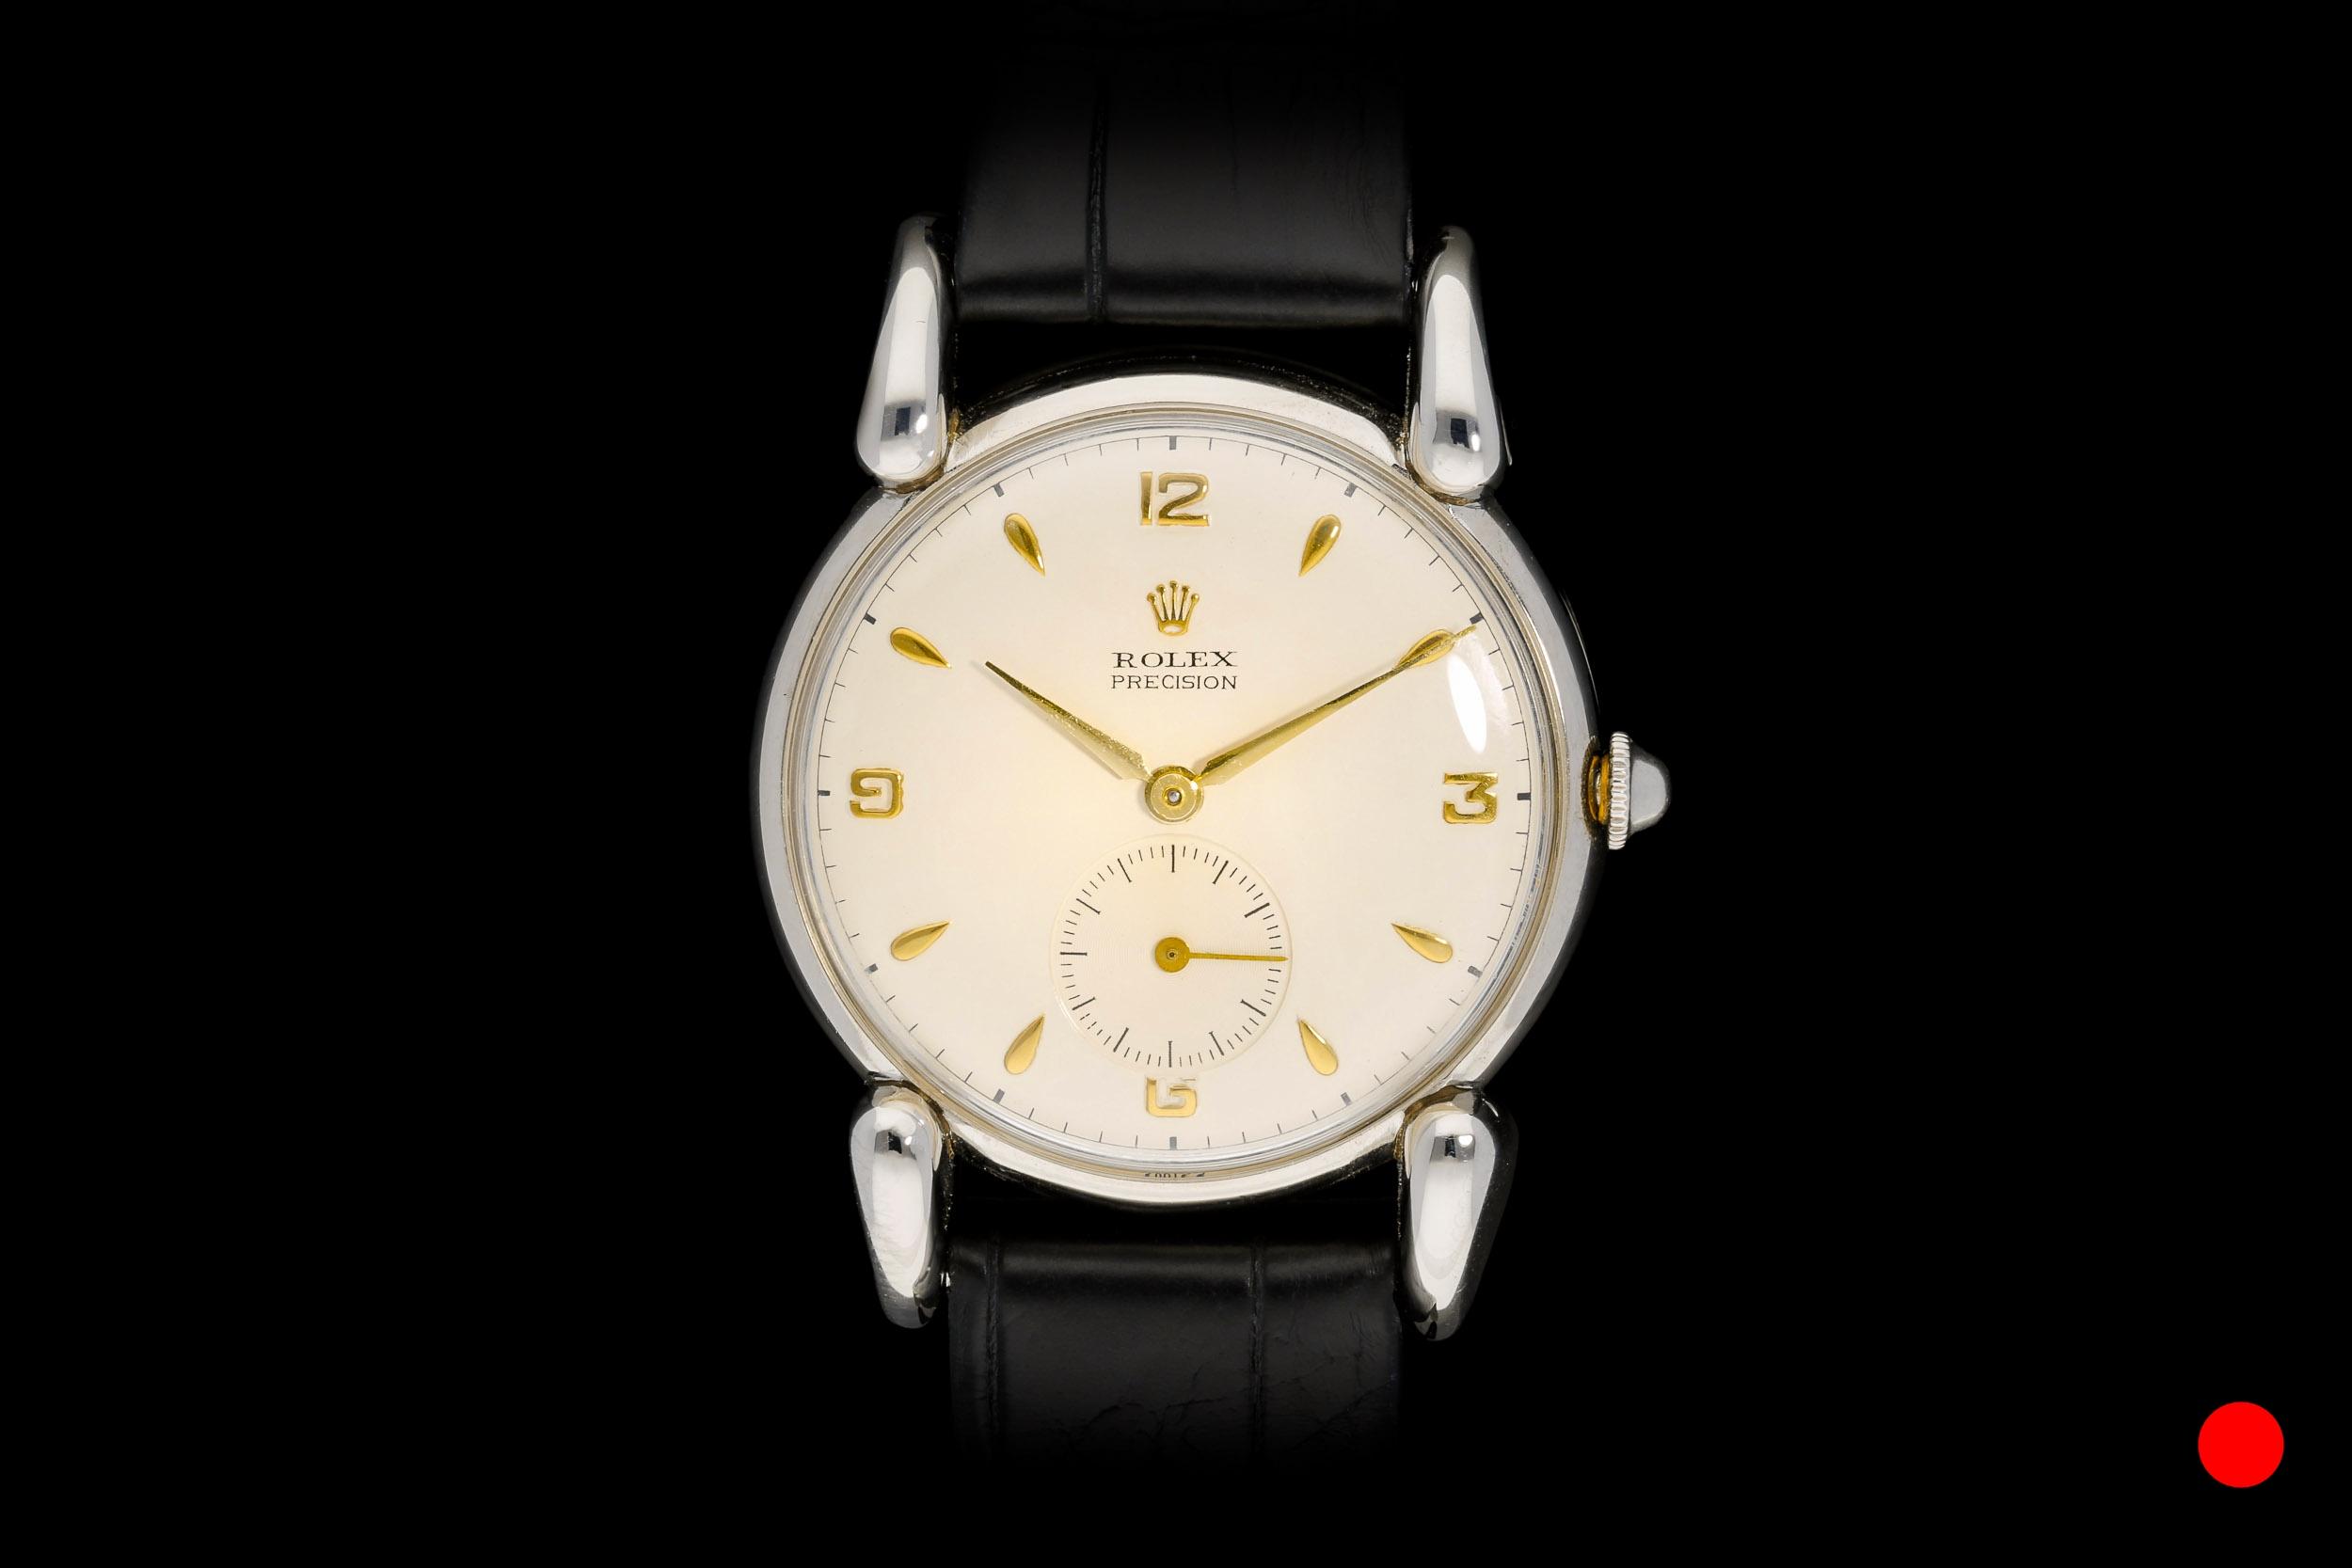 A 1940's Rolex Precision watch | £7400